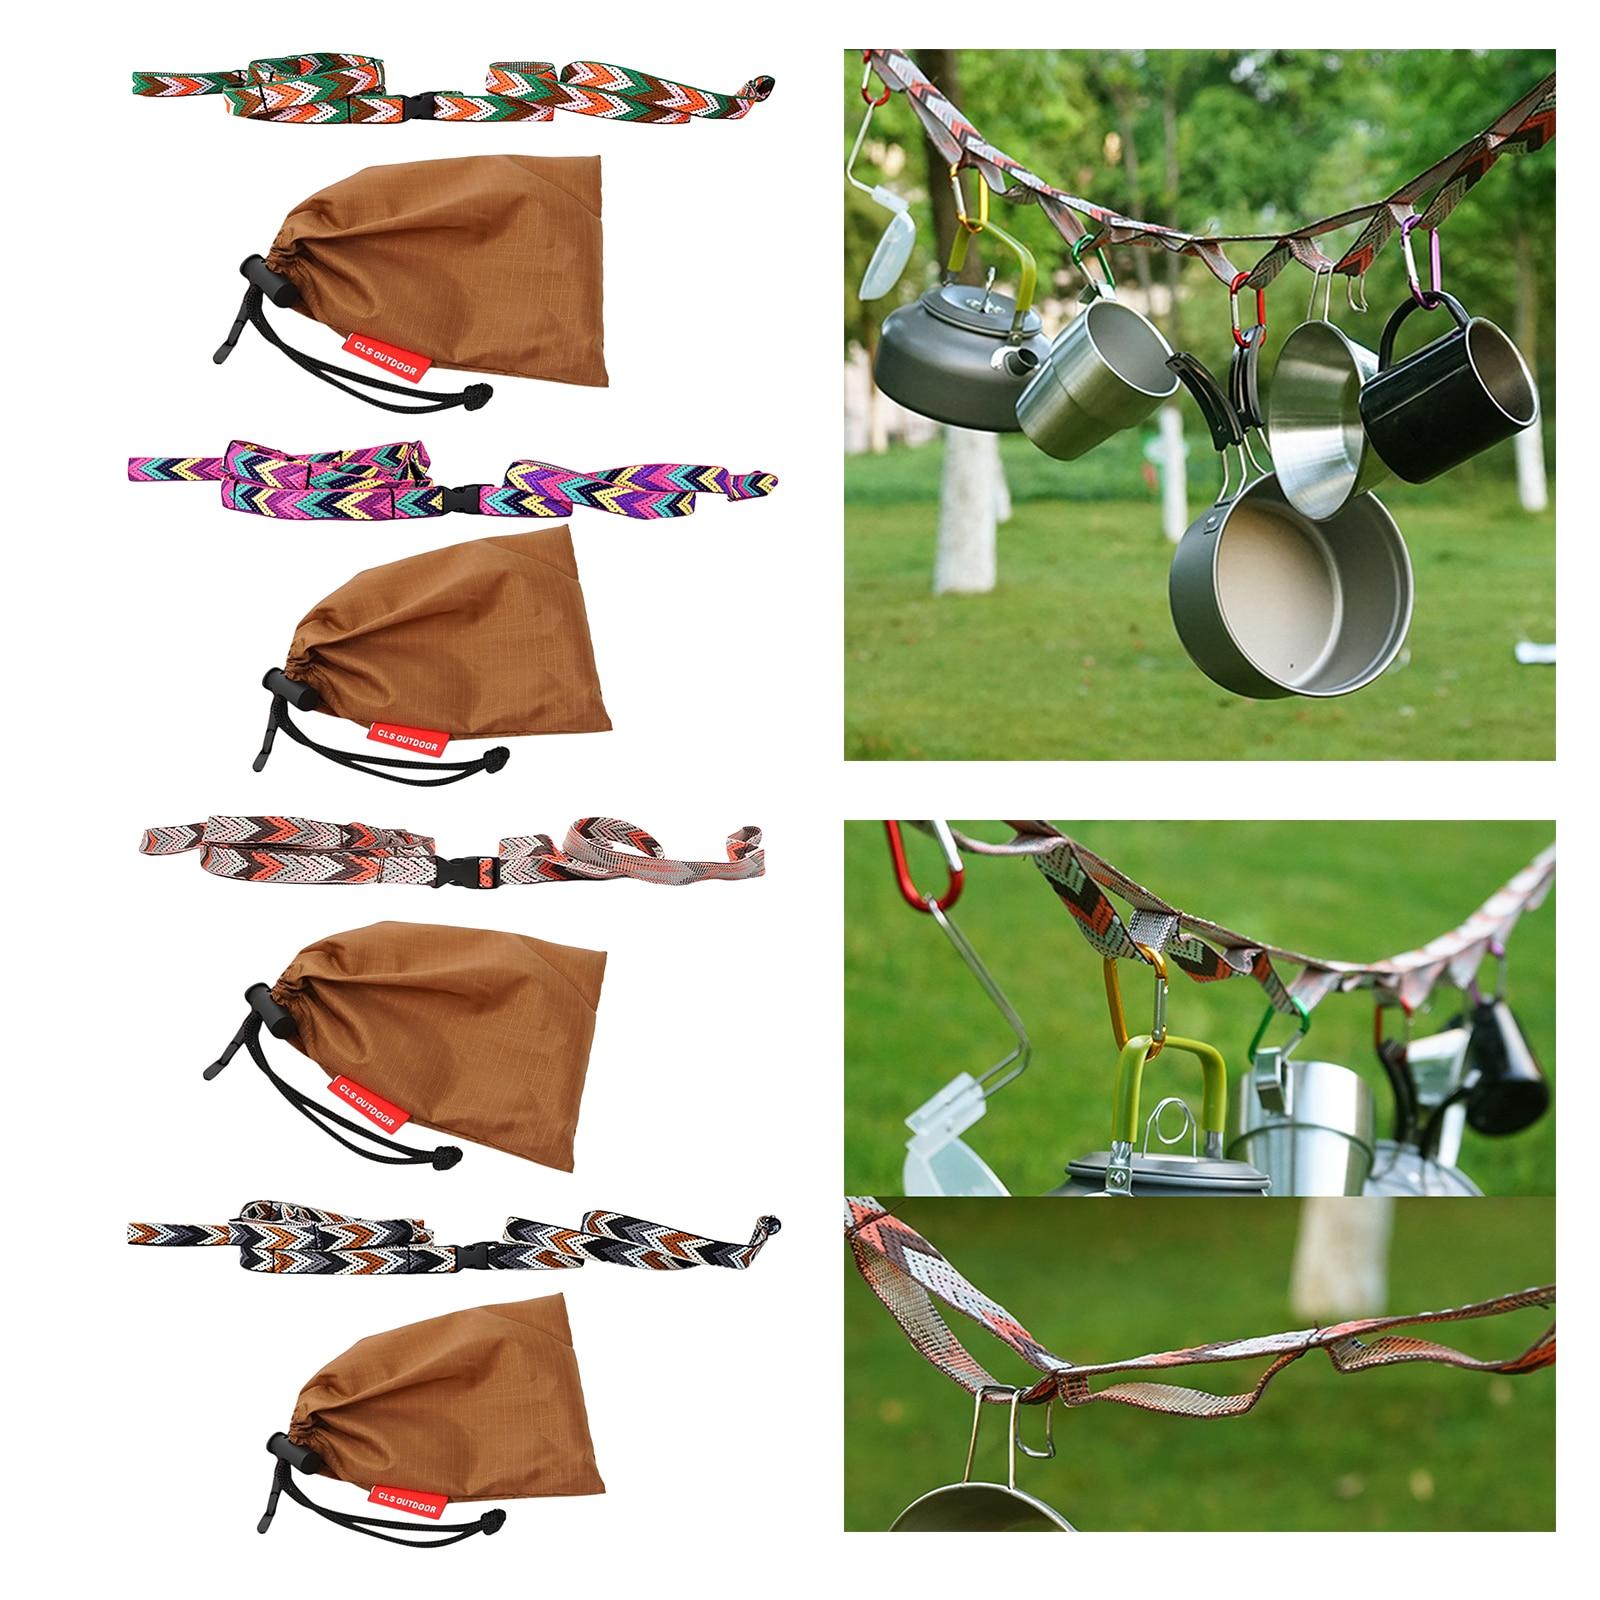 1 шт. уличная портативная веревка для кемпинга и путешествий, ремни для хранения, веревка для скалолазания, прочная веревка, многофункционал...